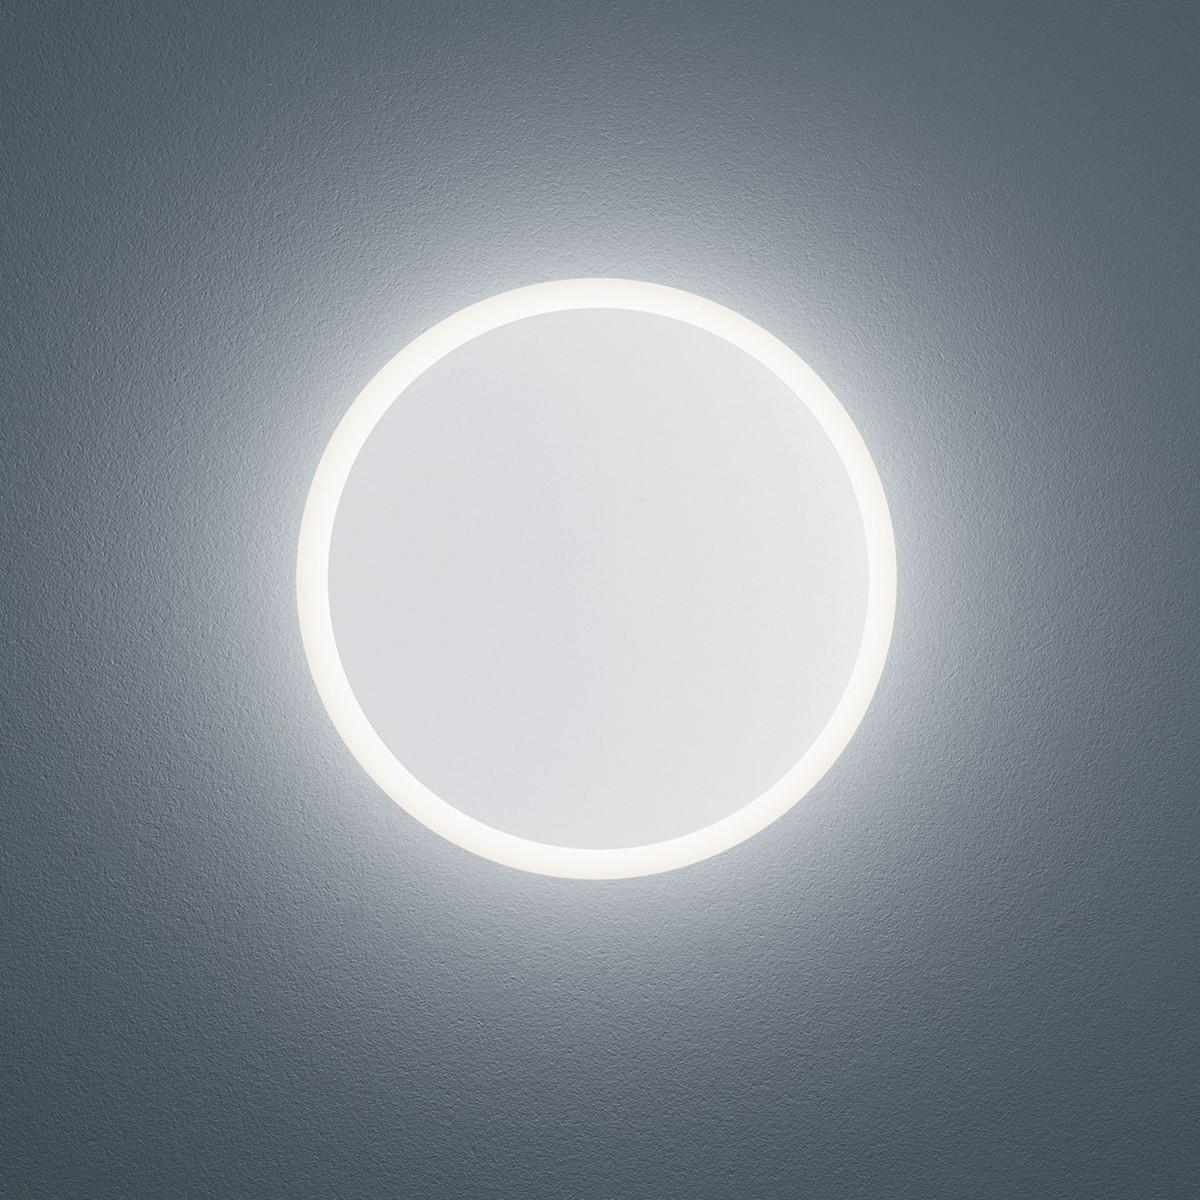 Helestra Solo LED Außenwandleuchte, weiß matt